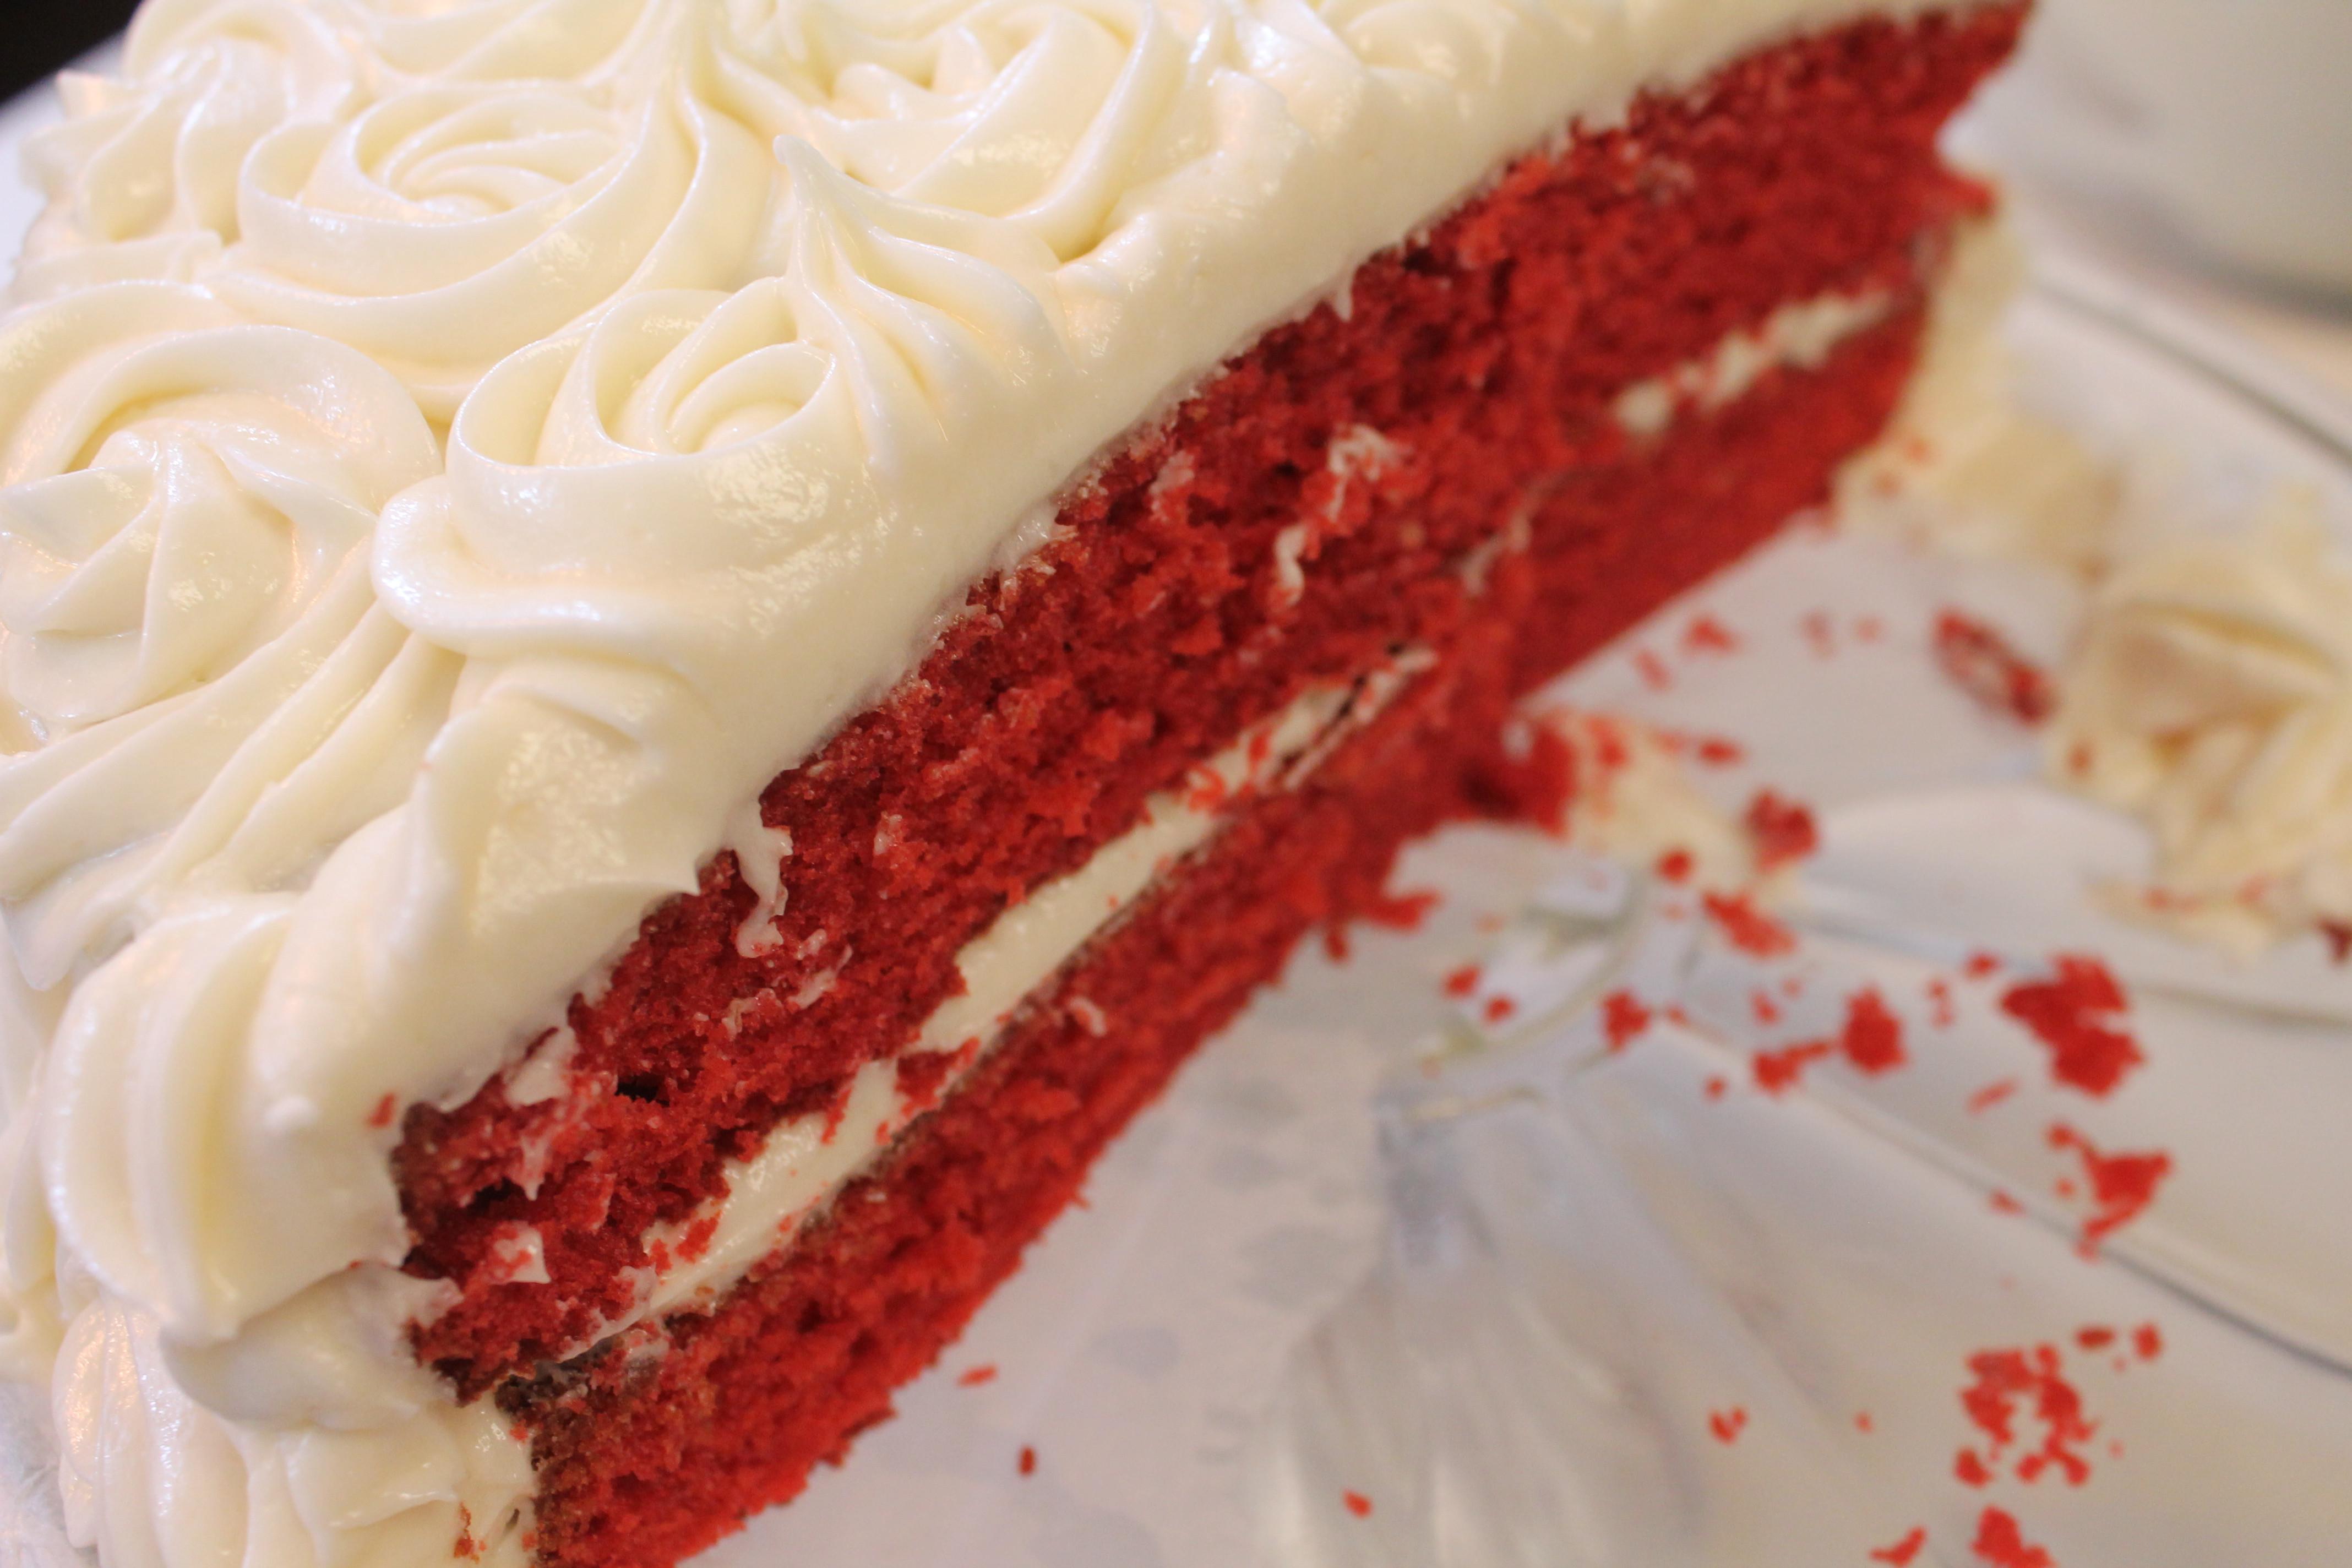 Best Red Velvet Cake  The BEST and EASIEST Red Velvet Cake Recipe